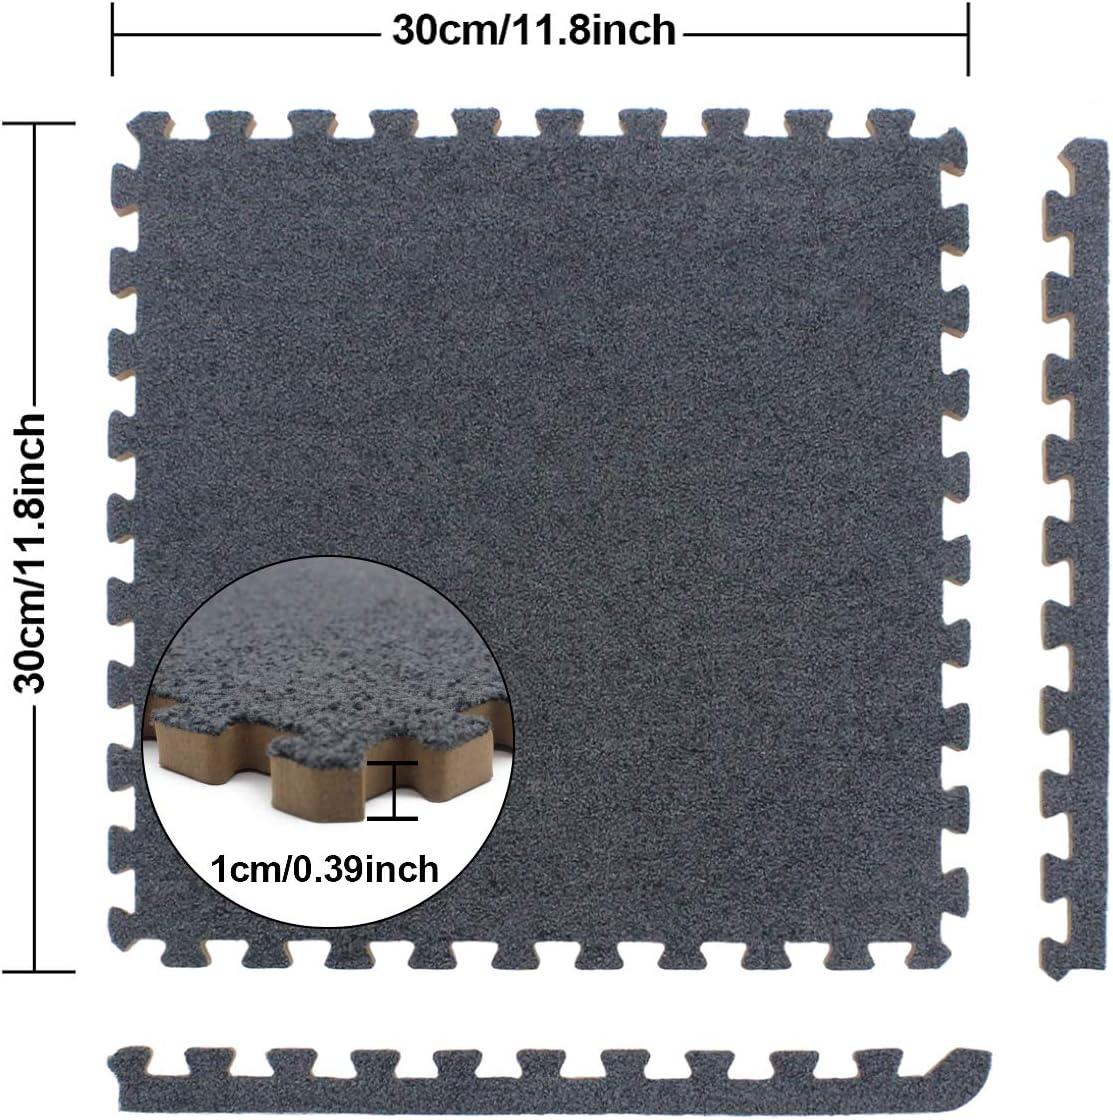 9 Pezzi 30cm x 30cm UMI By  1x 1 Schiume per Piastrelle ad Incastro Scamosciato